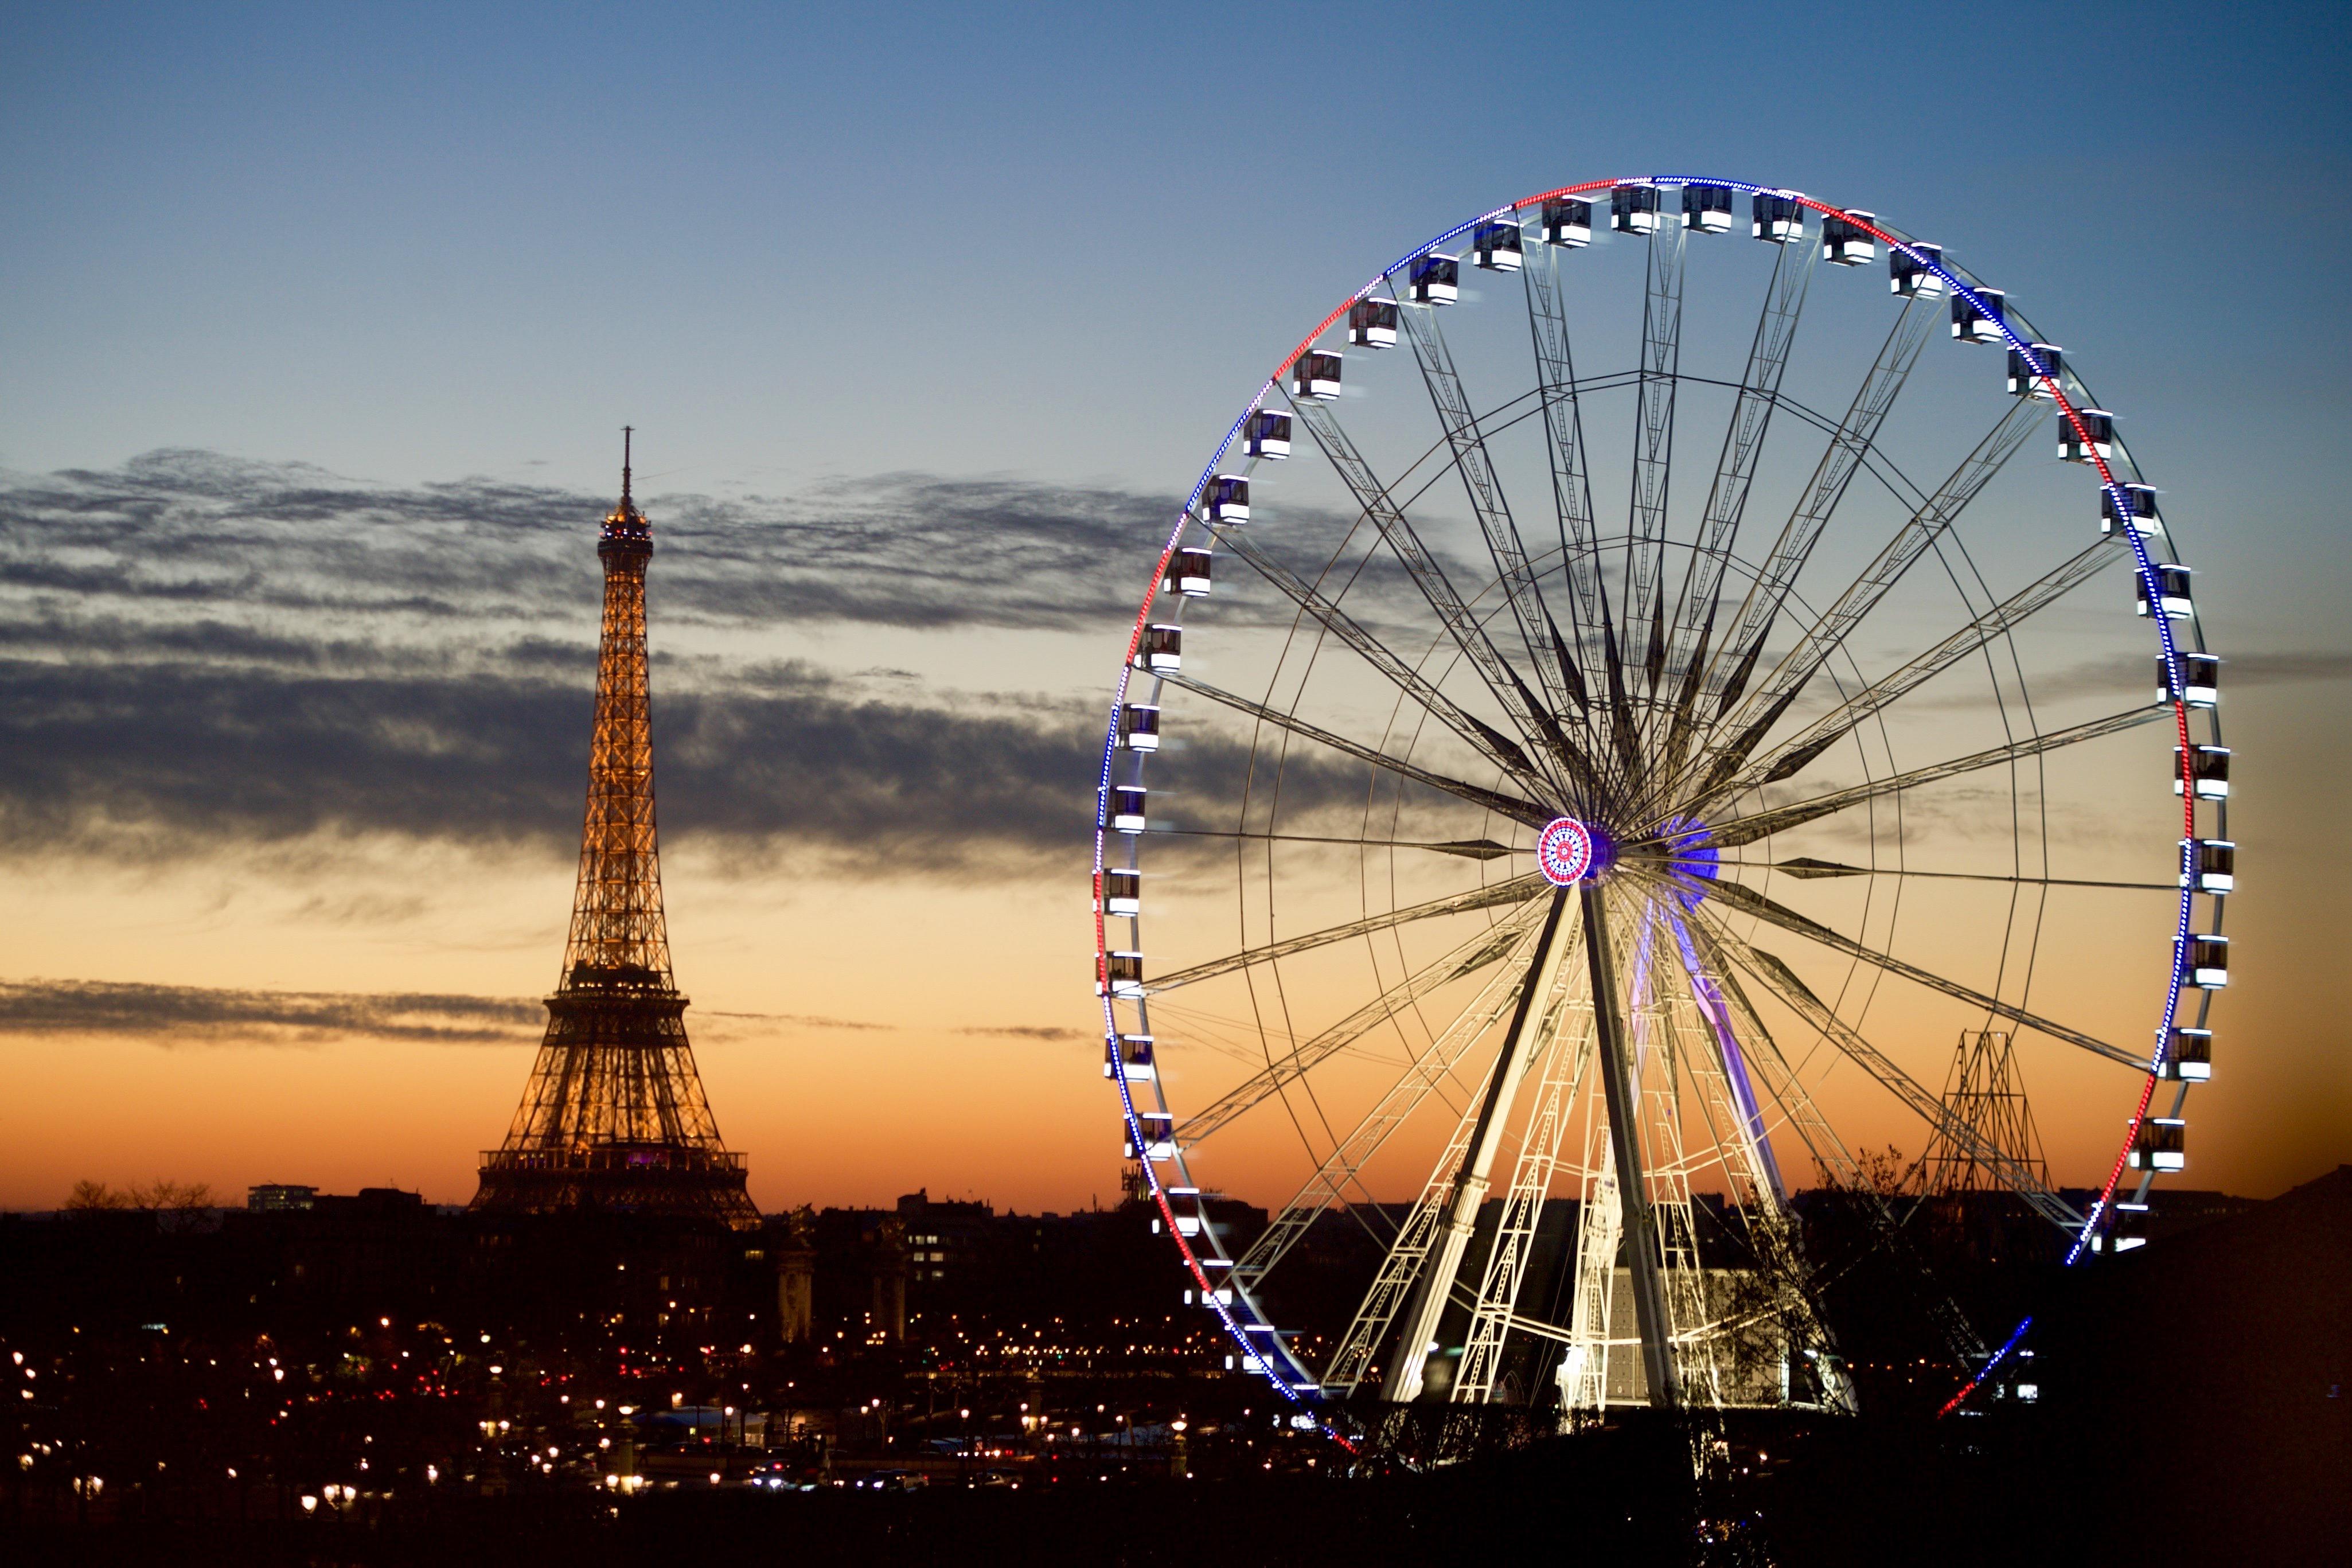 Фото Эйфелевой башни и Чертова колеса в Париже